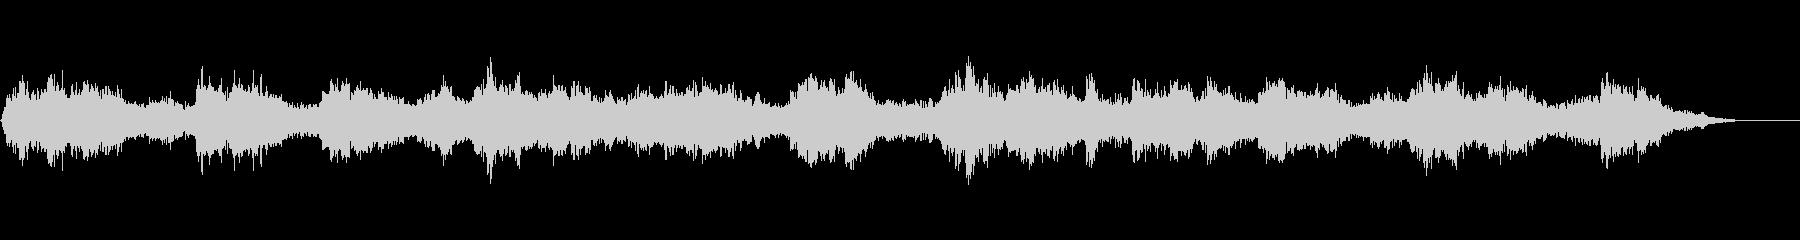 トルコ笛ナーイによる神秘的で怪しい音風景の未再生の波形